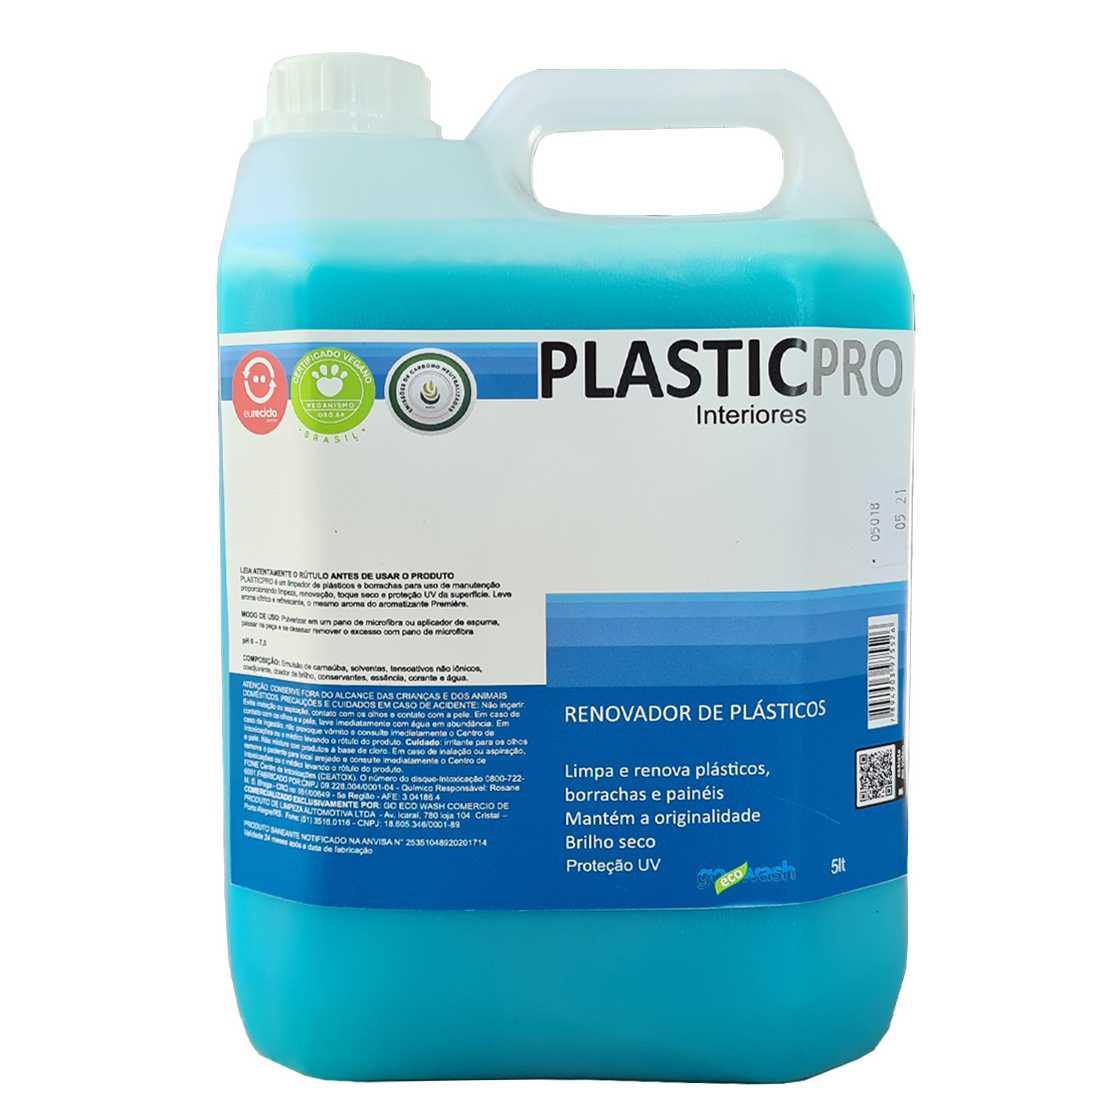 PlasticPro - Renovador de Plásticos e Borrachas 5lt (Go Eco Wash)  - Loja Go Eco Wash